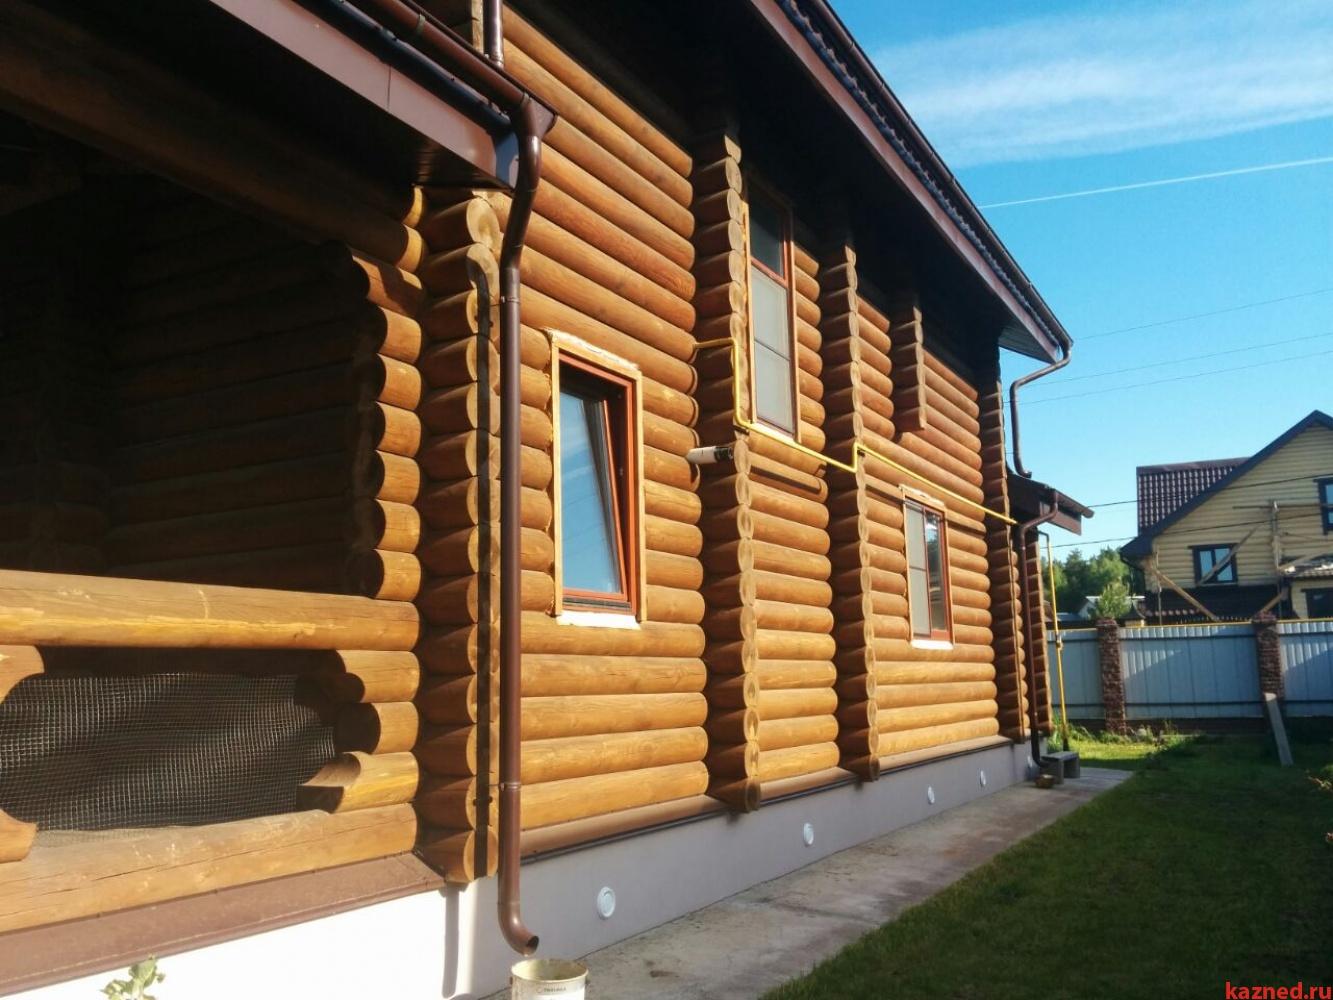 Продажа  Дома Пос. Кульсеитово Светозарная д.8, 165 м2  (миниатюра №4)